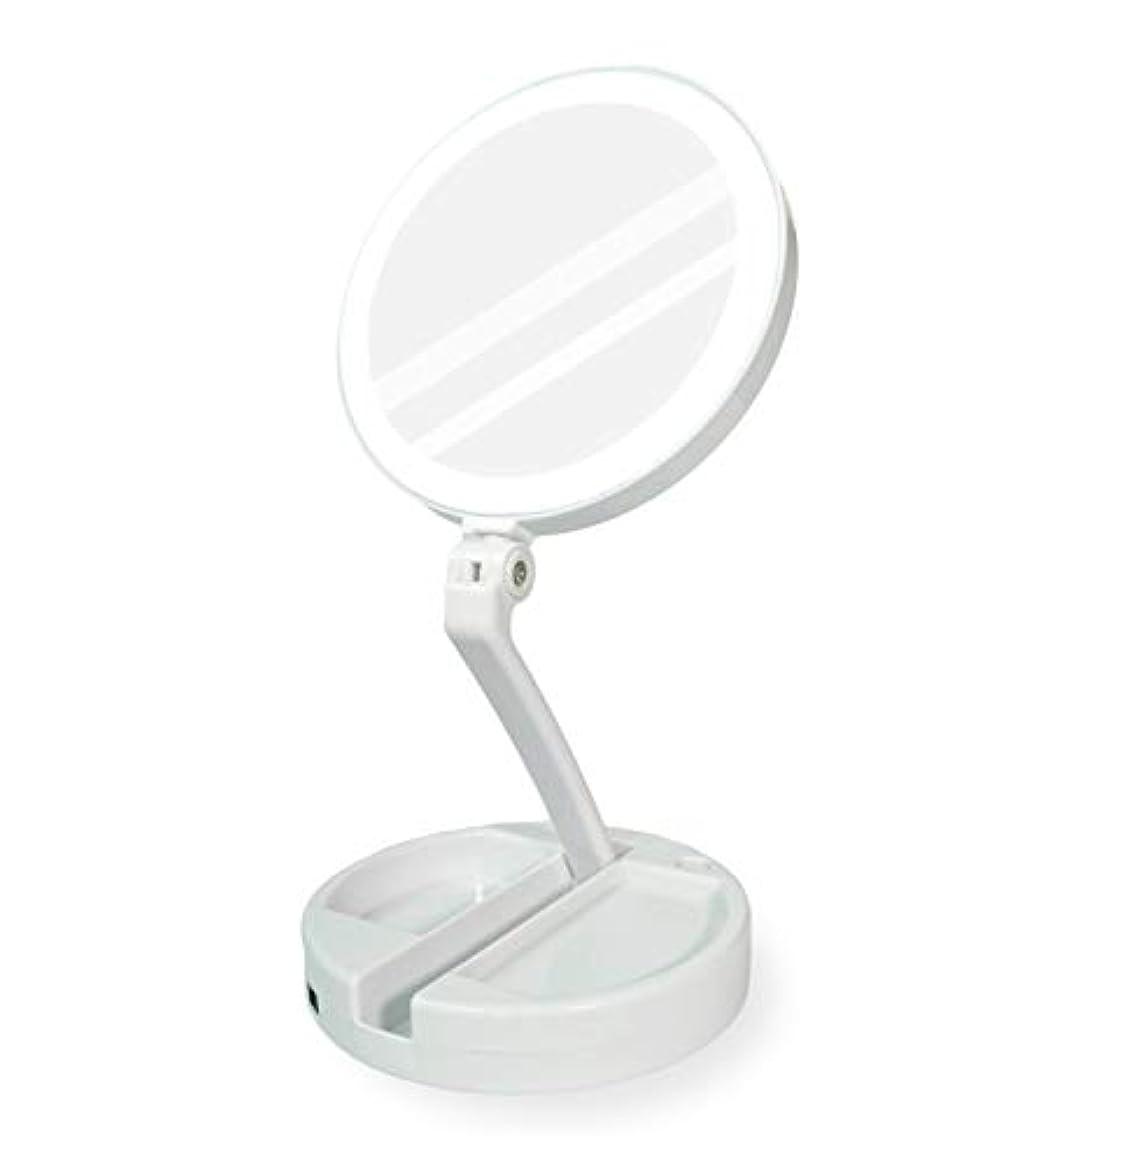 顕著ストレッチキャプションYEEZEN 両面拡大鏡 等倍と10倍拡大 化粧 無段調光 卓上鏡 ライト付き拡大鏡 化粧鏡 ライトつきミラー 折りたたみ式 360°回転 収納しやすい 鏡 led 拡大ミラー